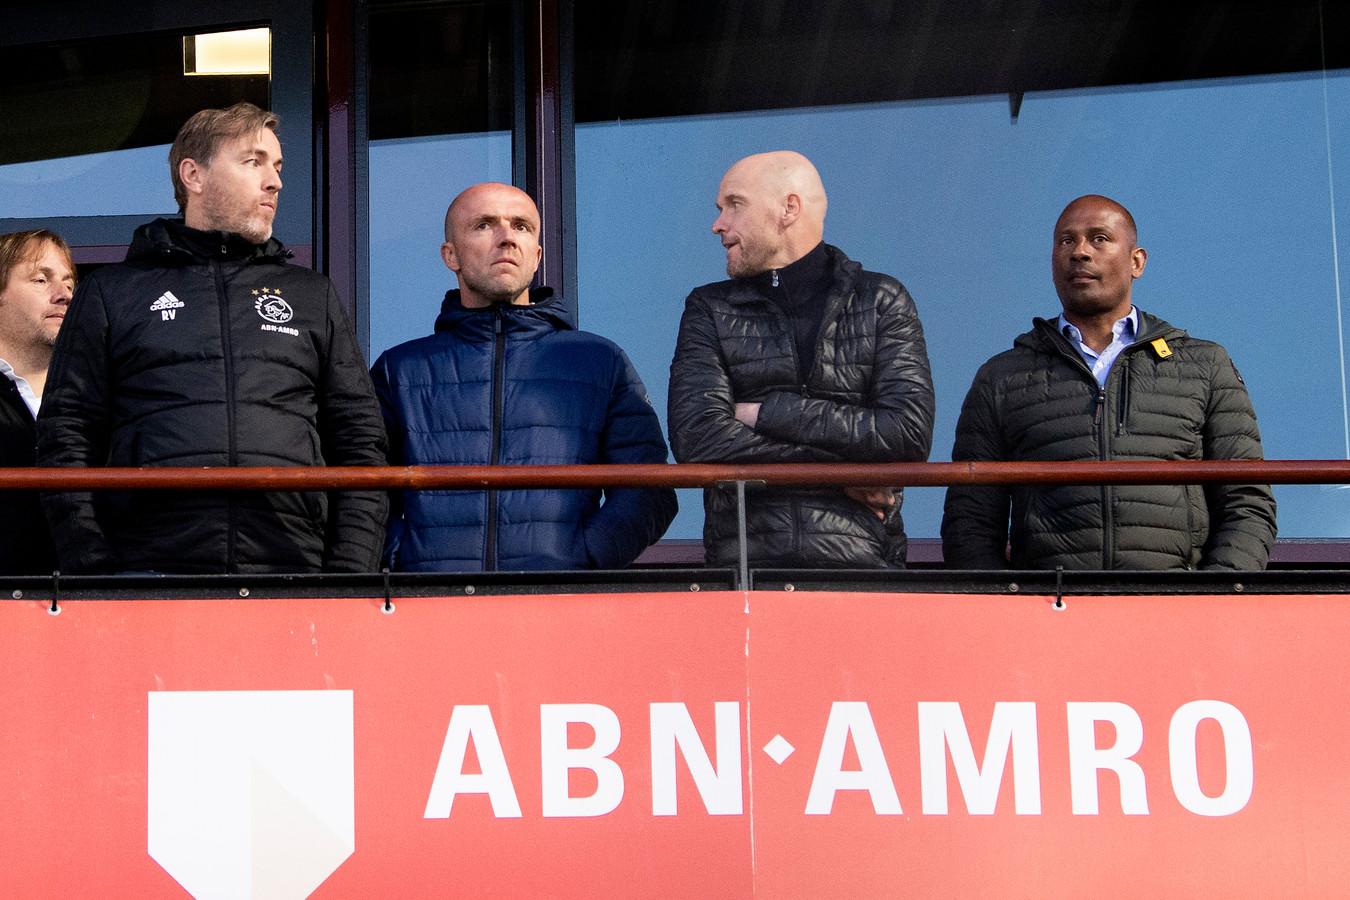 De technische staf van Ajax gisteren op De Toekomst tijdens het duel van Jong Ajax tegen NEC. Vlnr: Richard Witschge, Alfred Schreuder Erik ten Hag en Aron Winter.